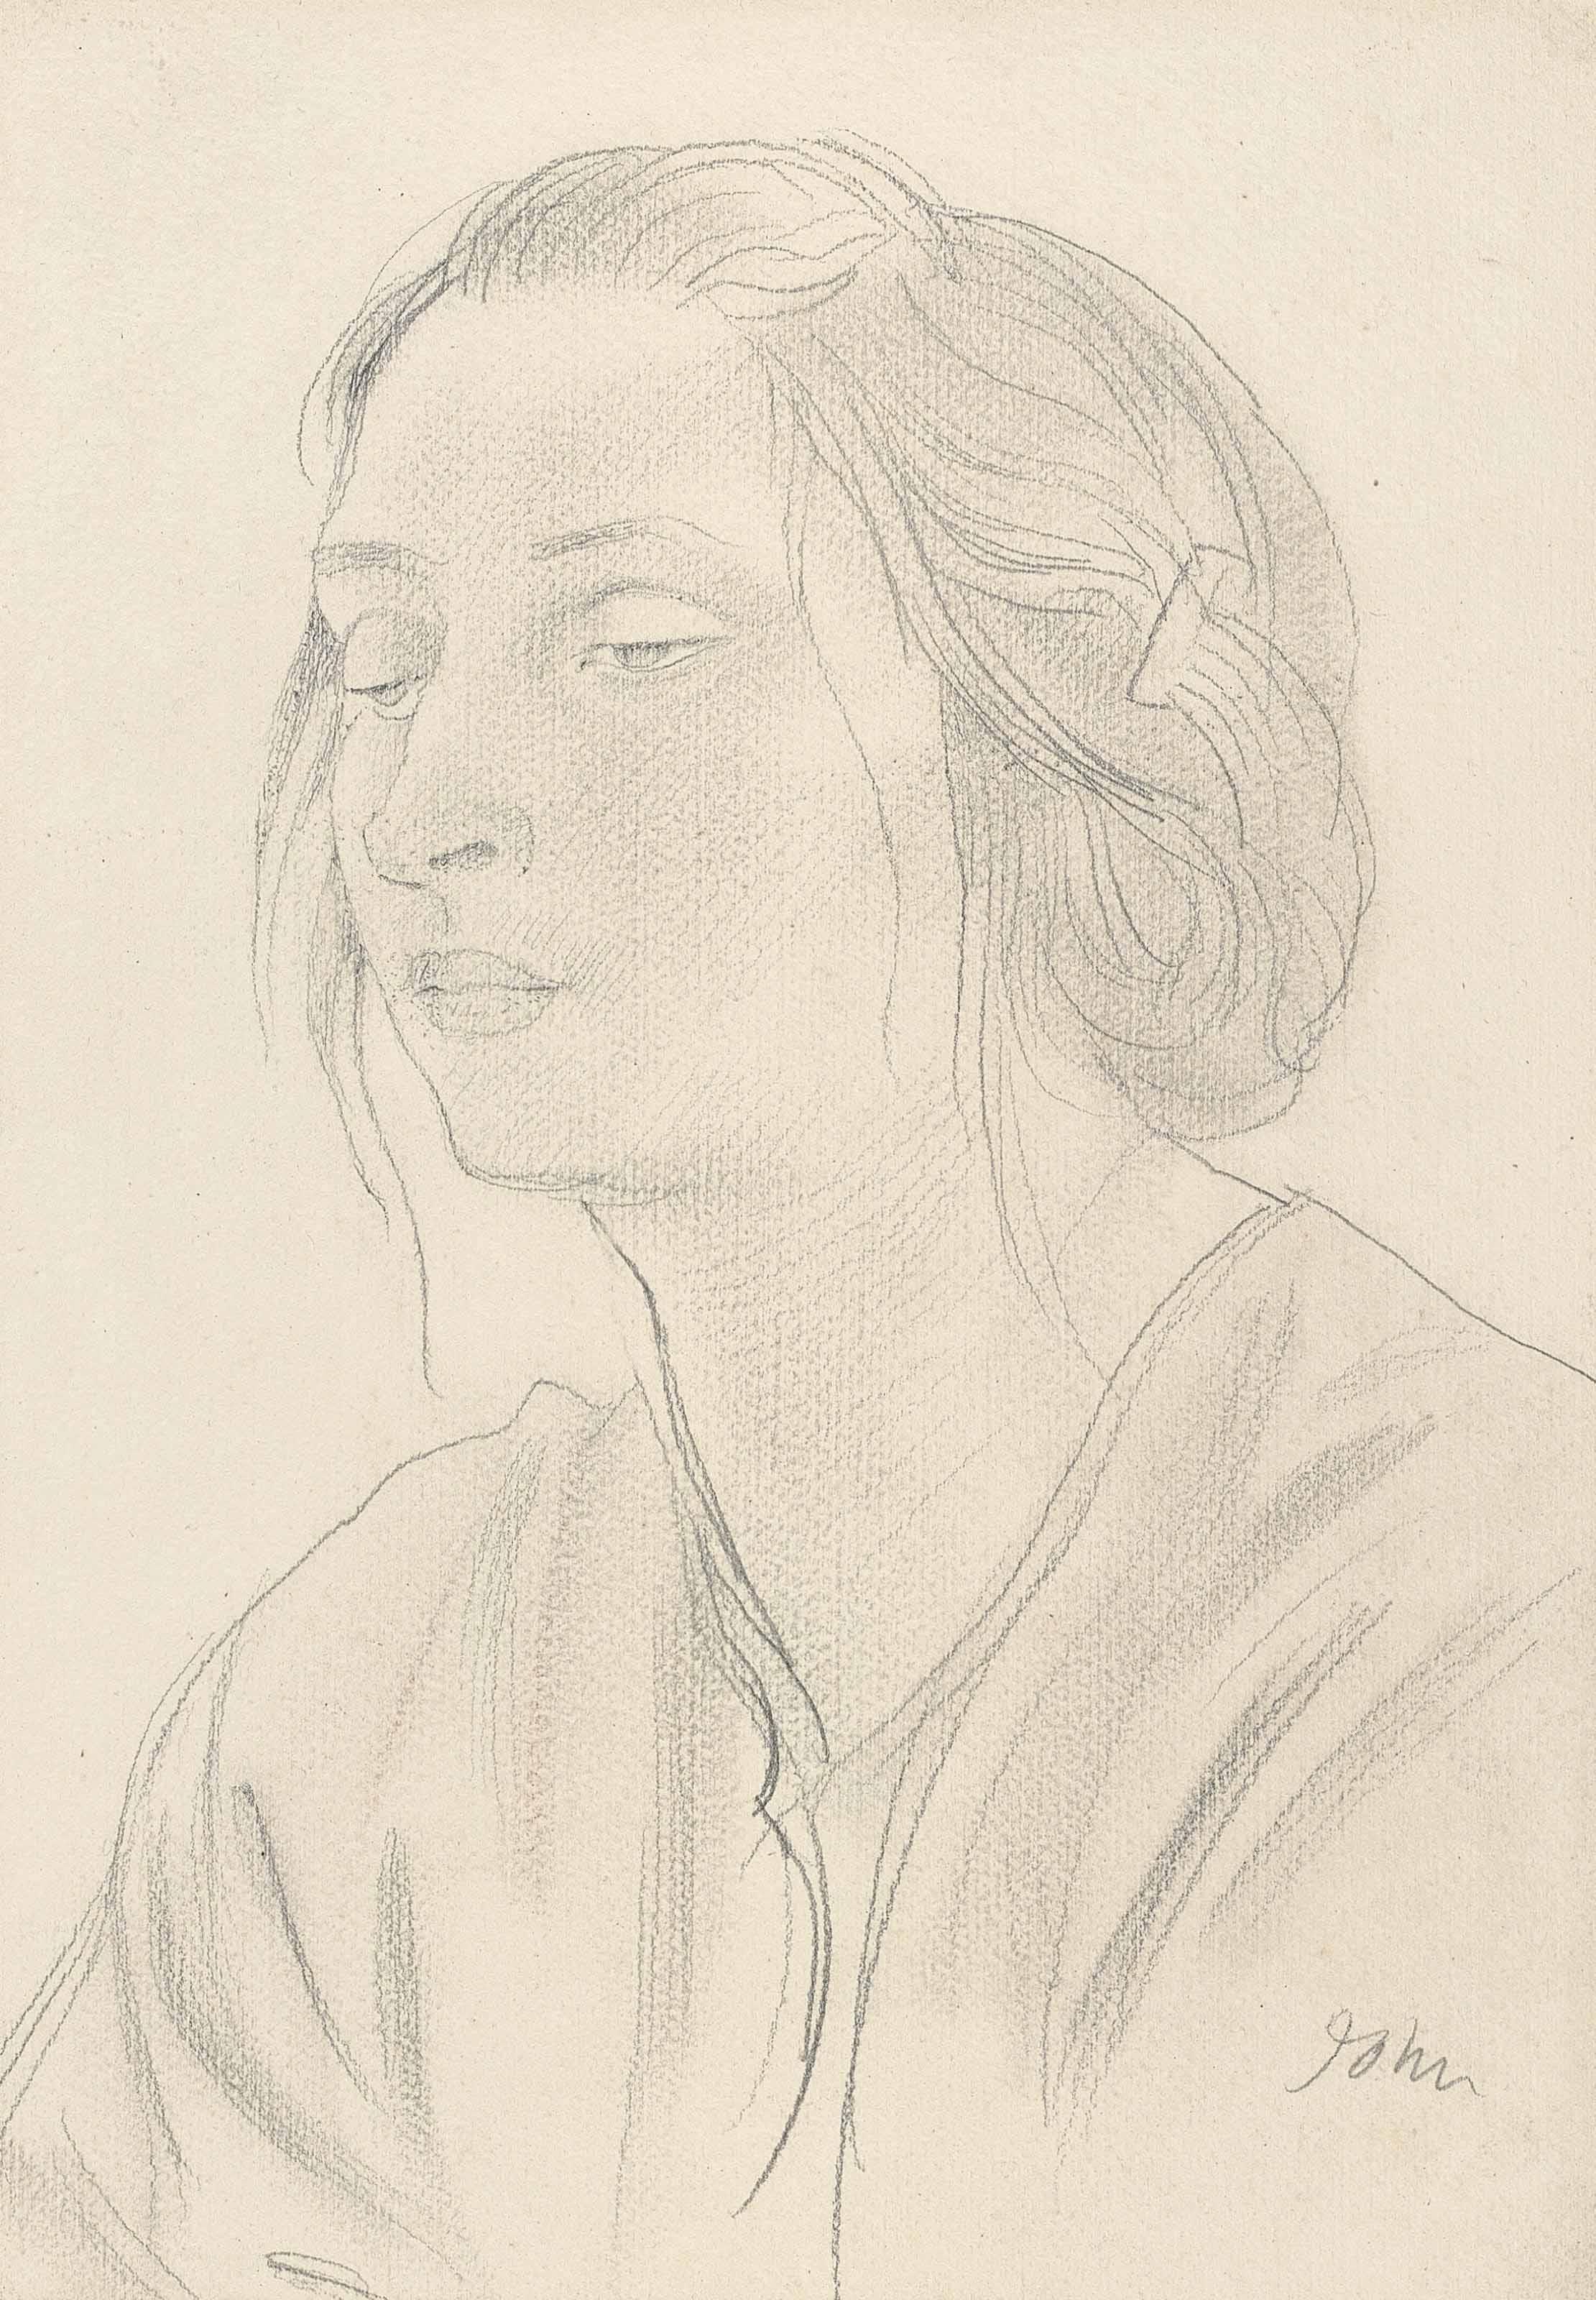 Augustus John, O.M., R.A. (187